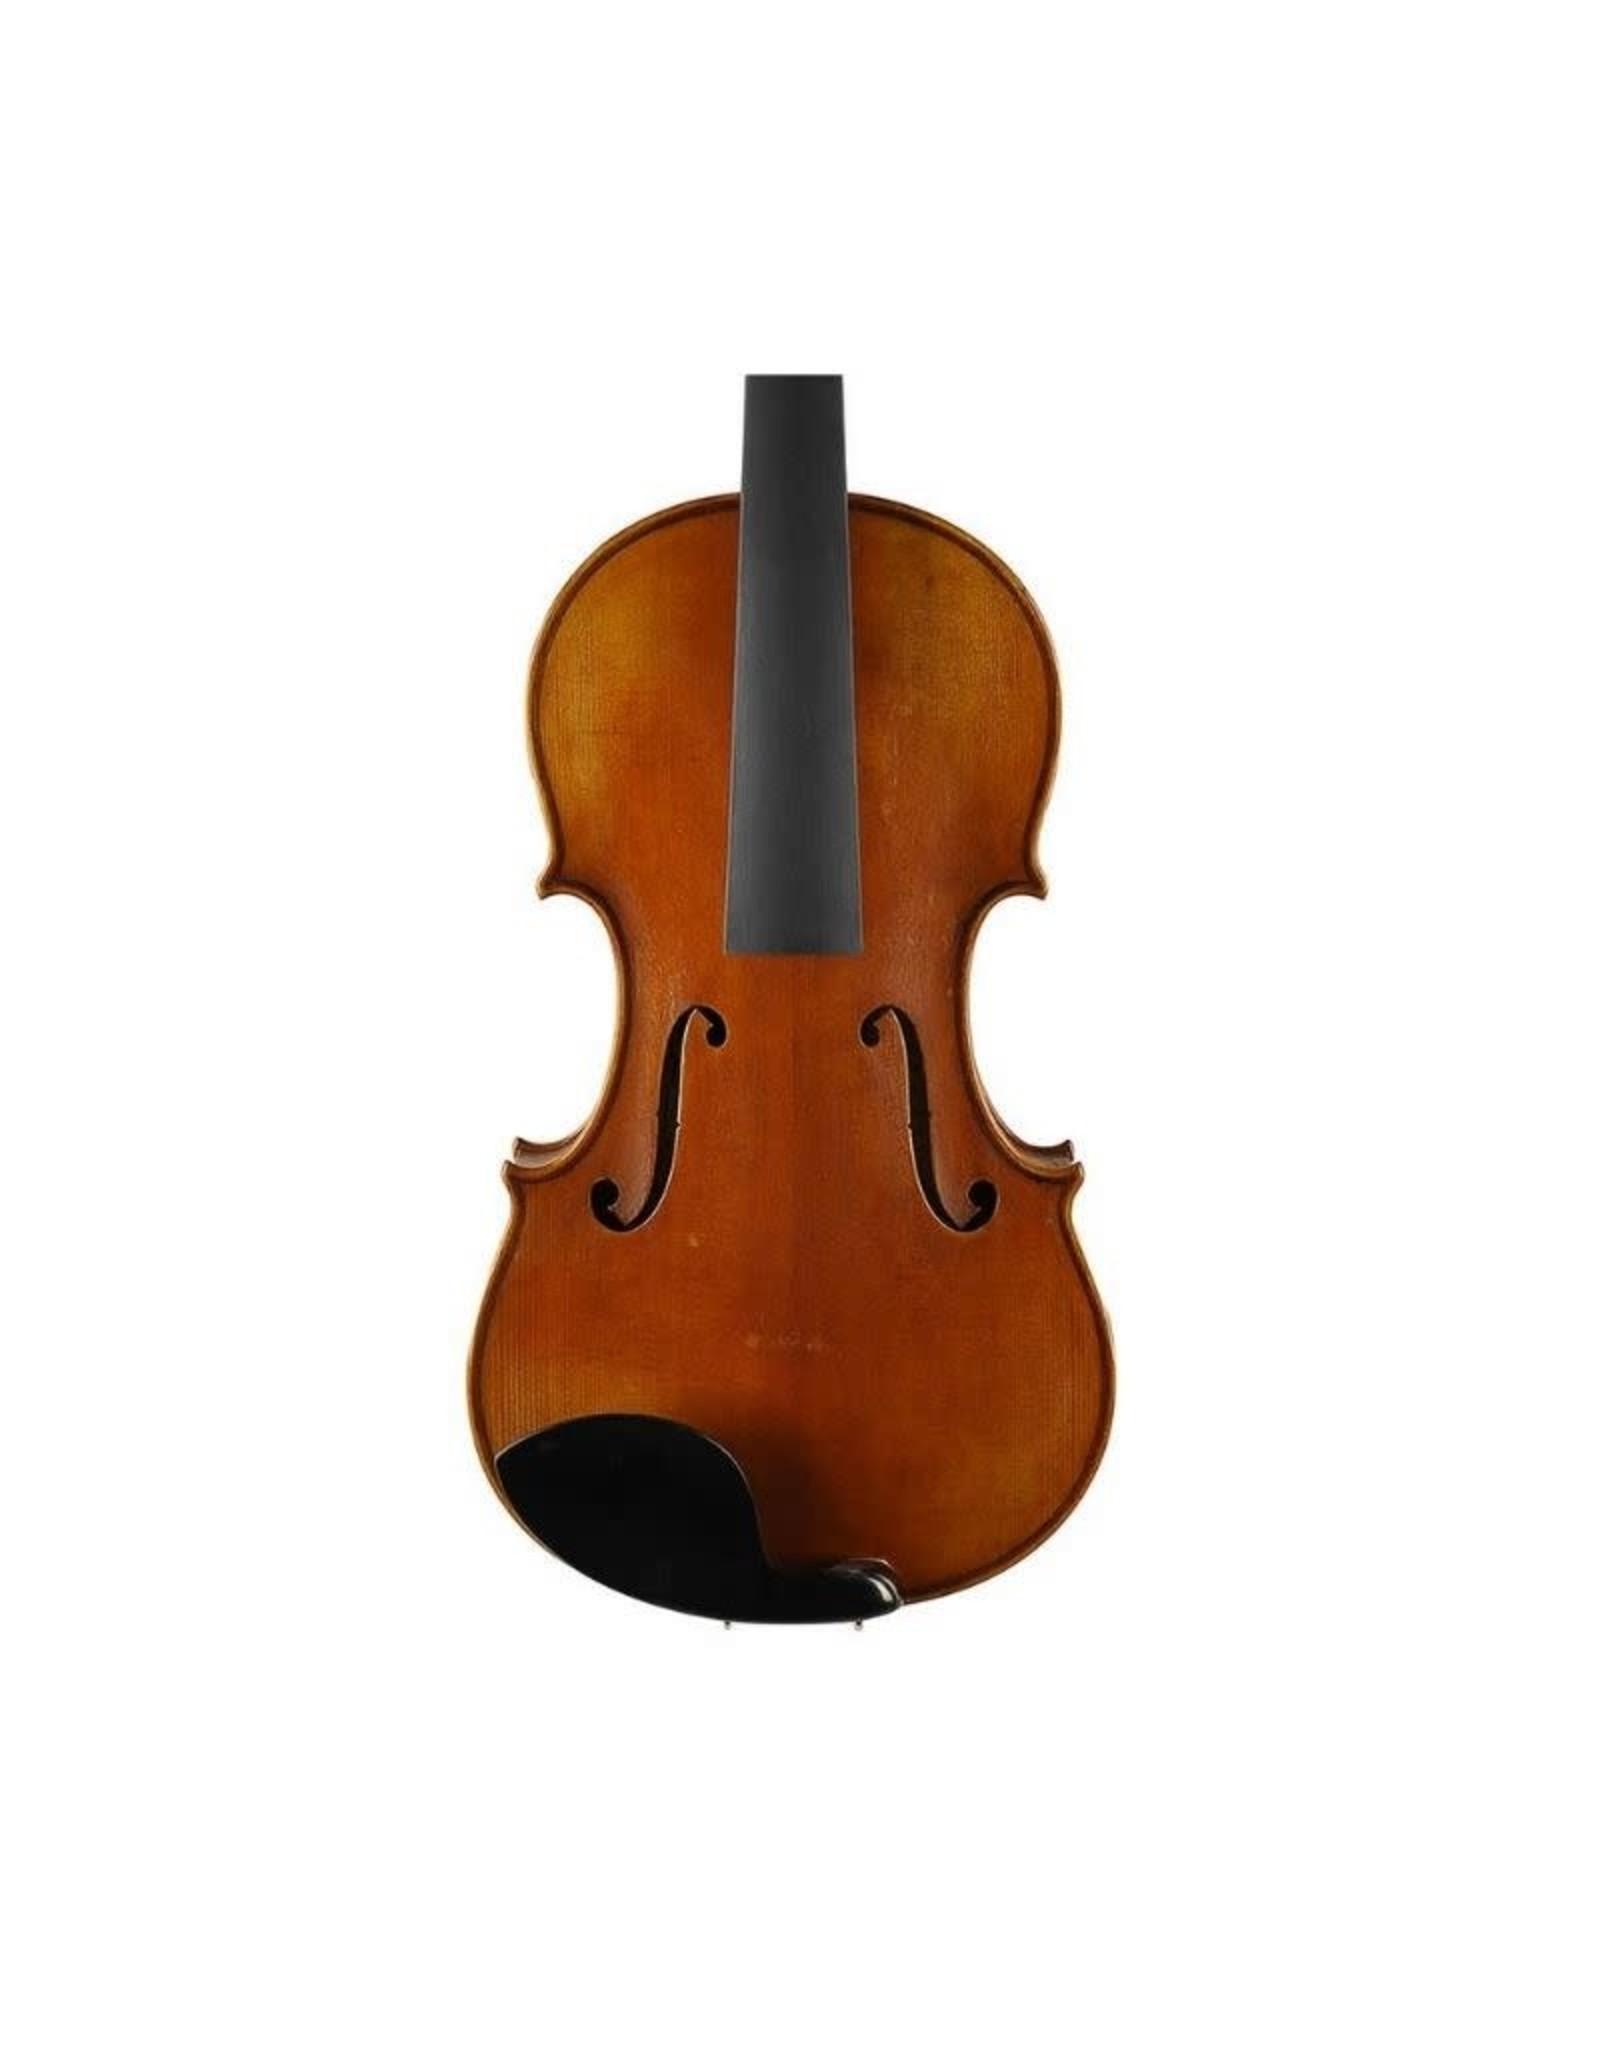 ADVANCED Scott Cao, 4/4 viool, E-KJ, King joseph (Guarneri)